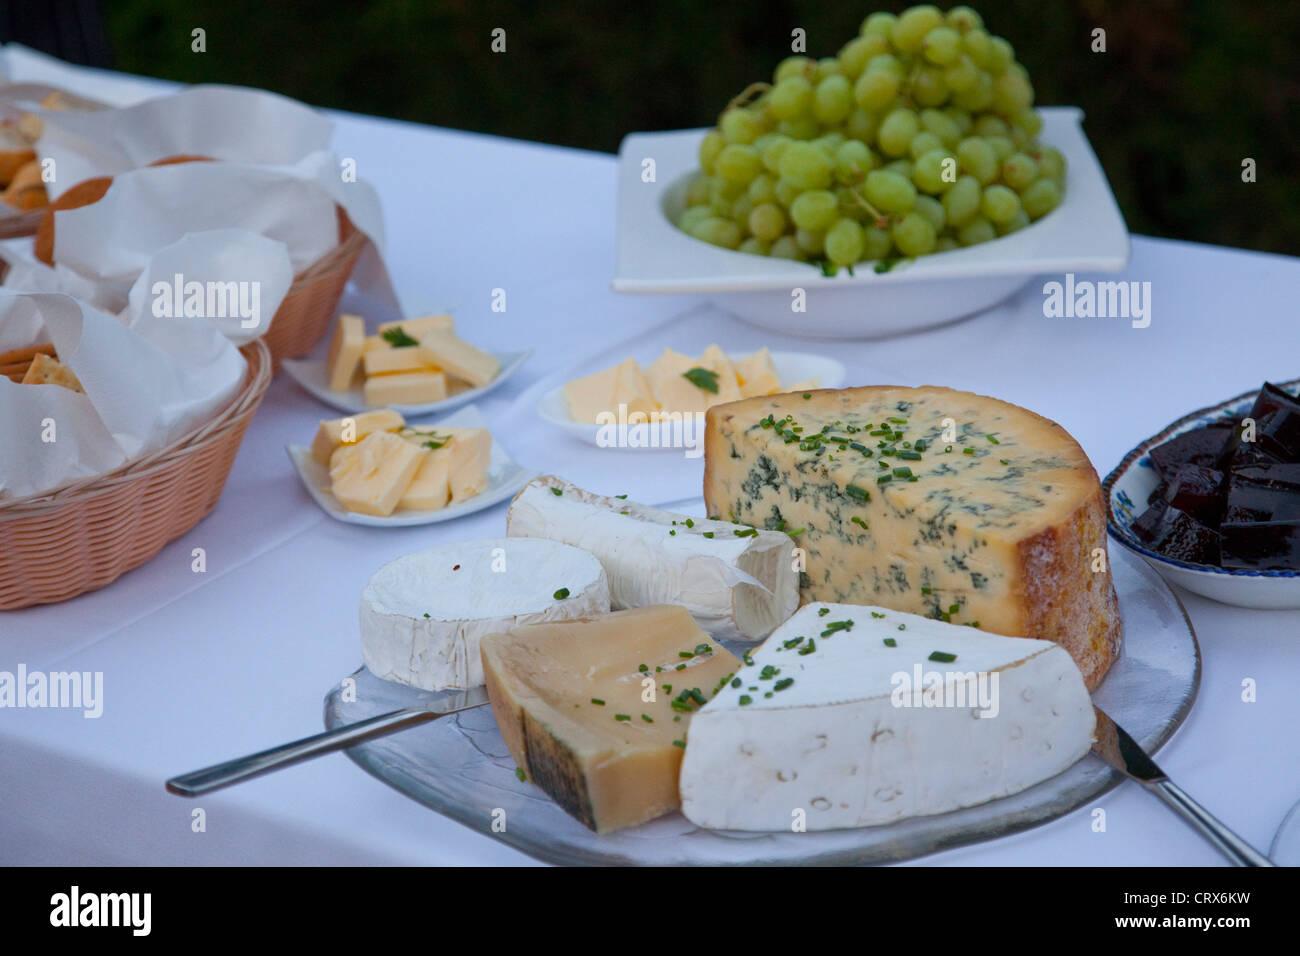 Ein Teller mit Käse Dessert auf einer weißen Tischdecke Stockbild